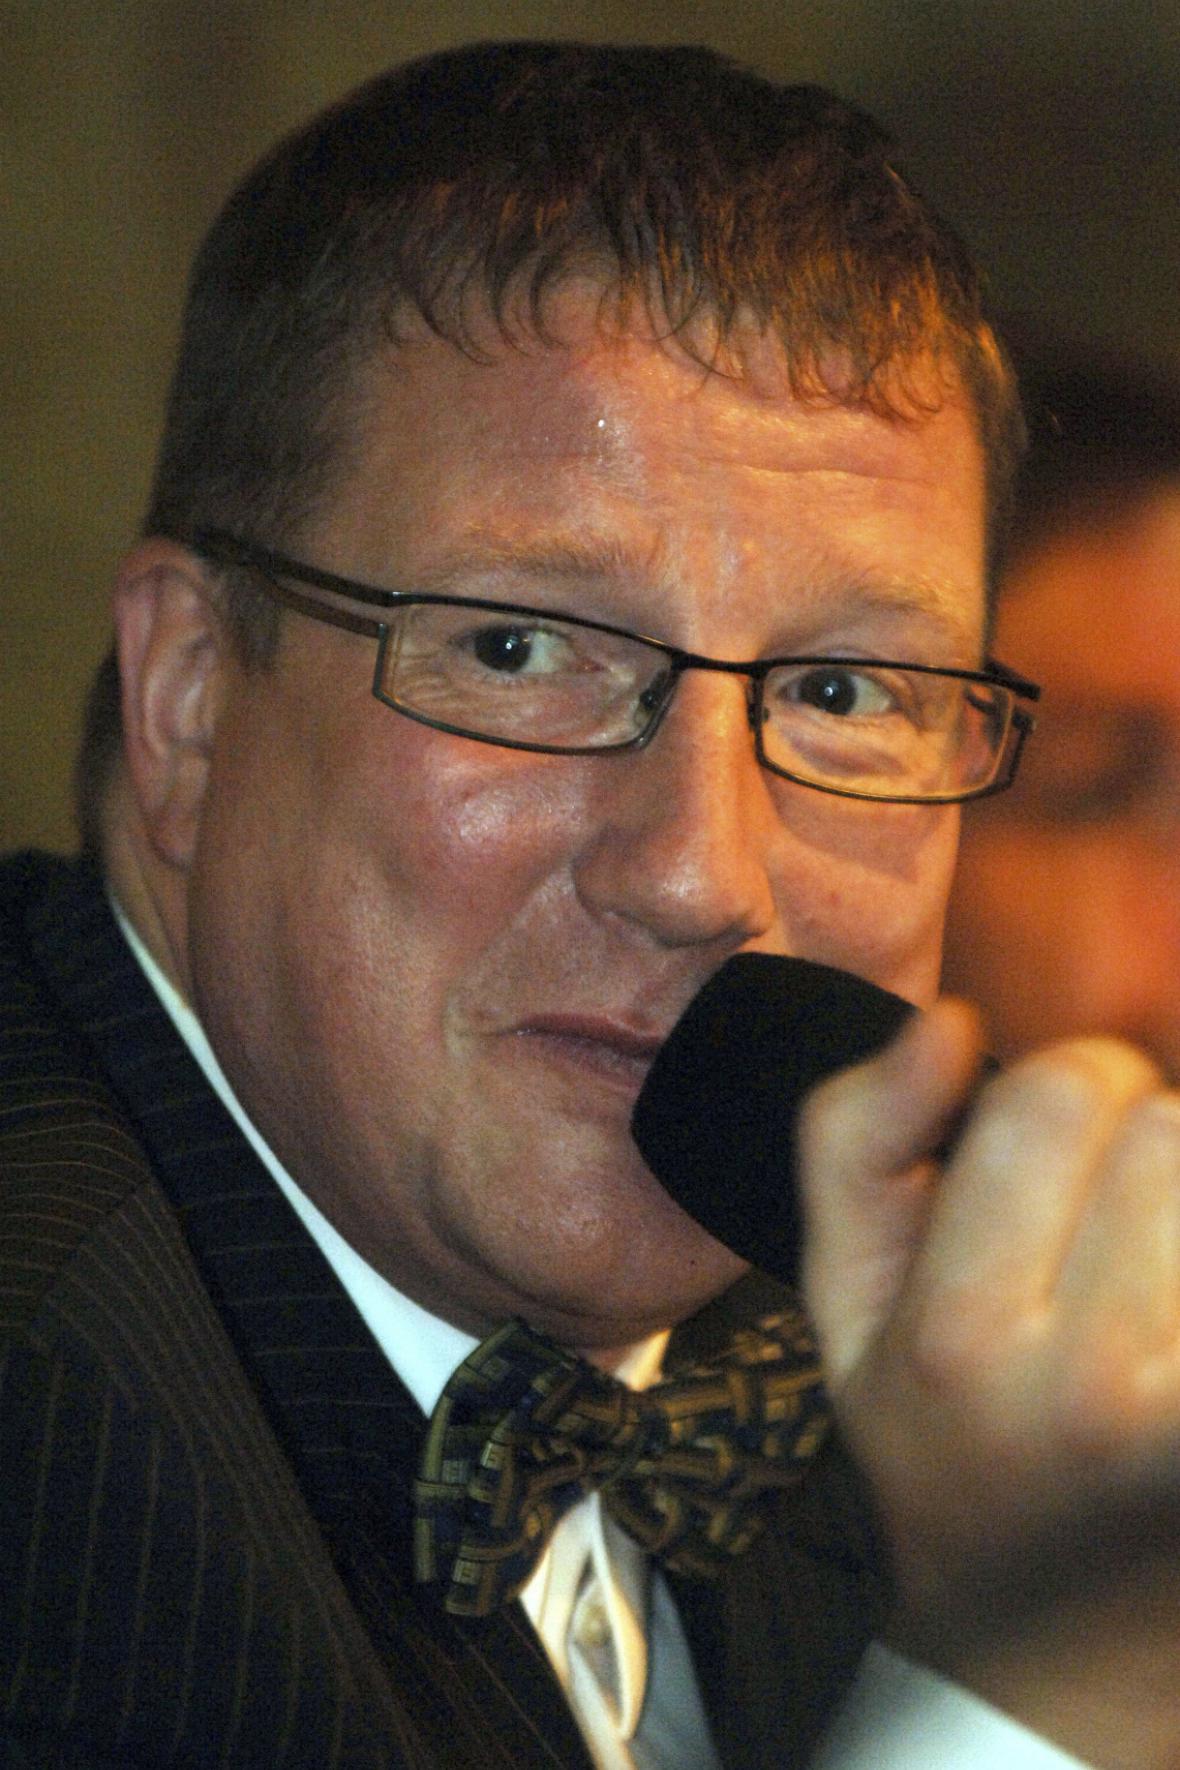 Bývalý primátor Jiří Kittner na archivním snímku z roku 2007